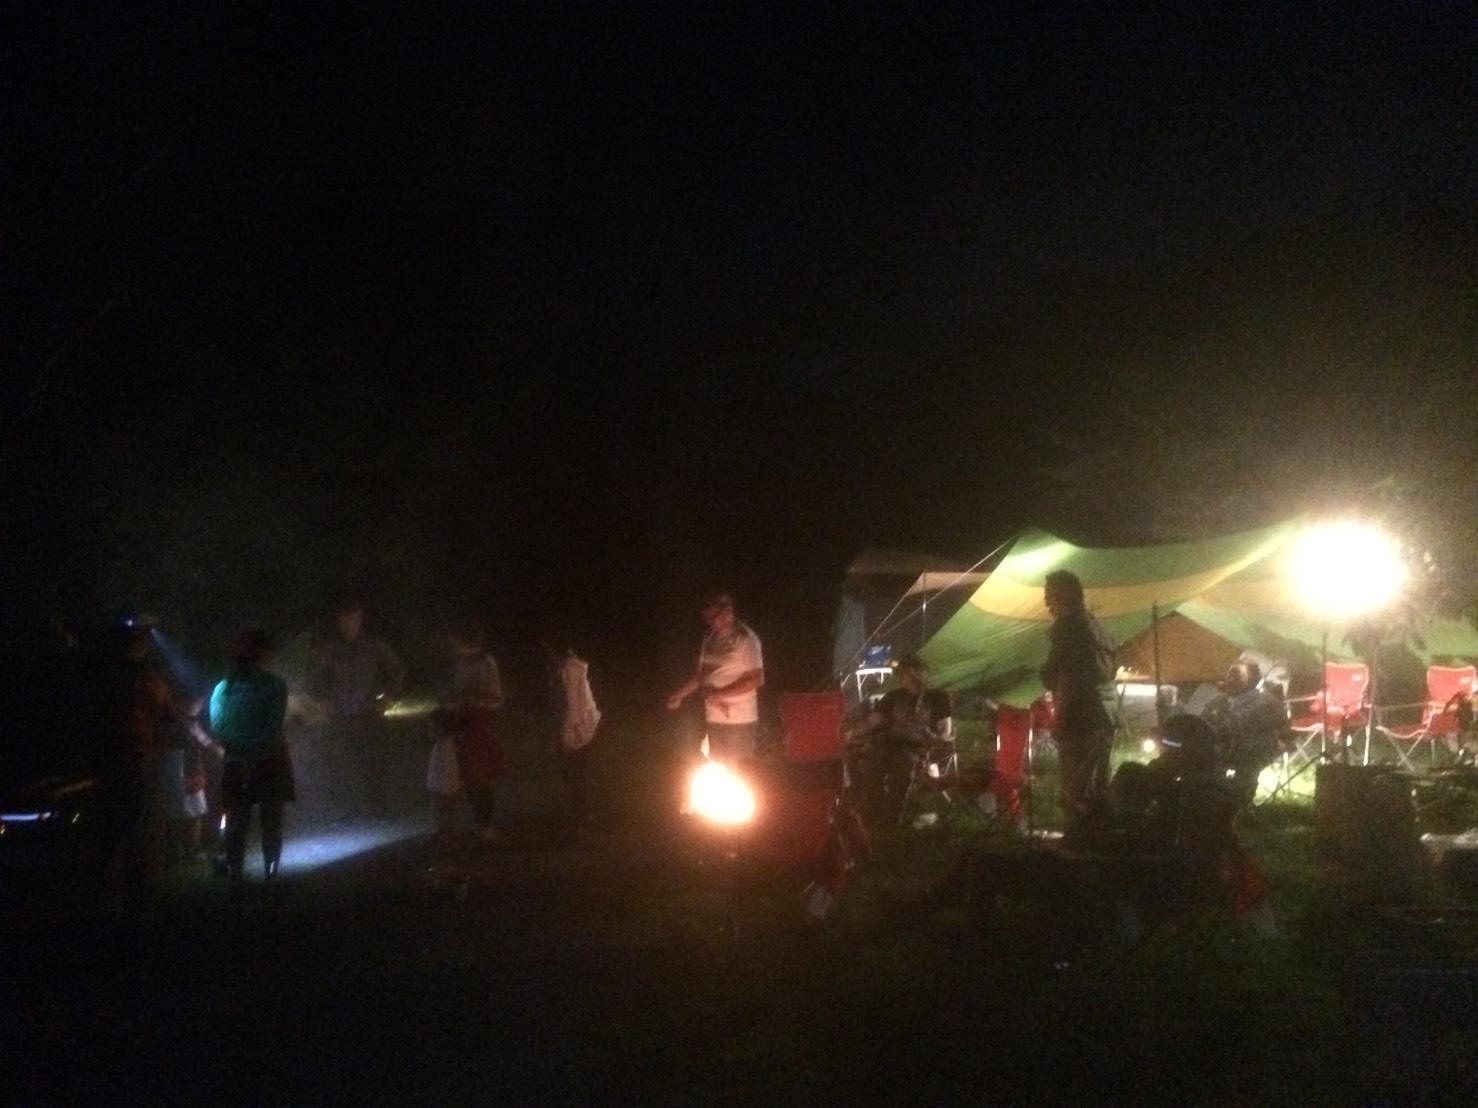 自転車でキャンプに行こうin八剣山行ってきました!_d0197762_16385253.jpeg